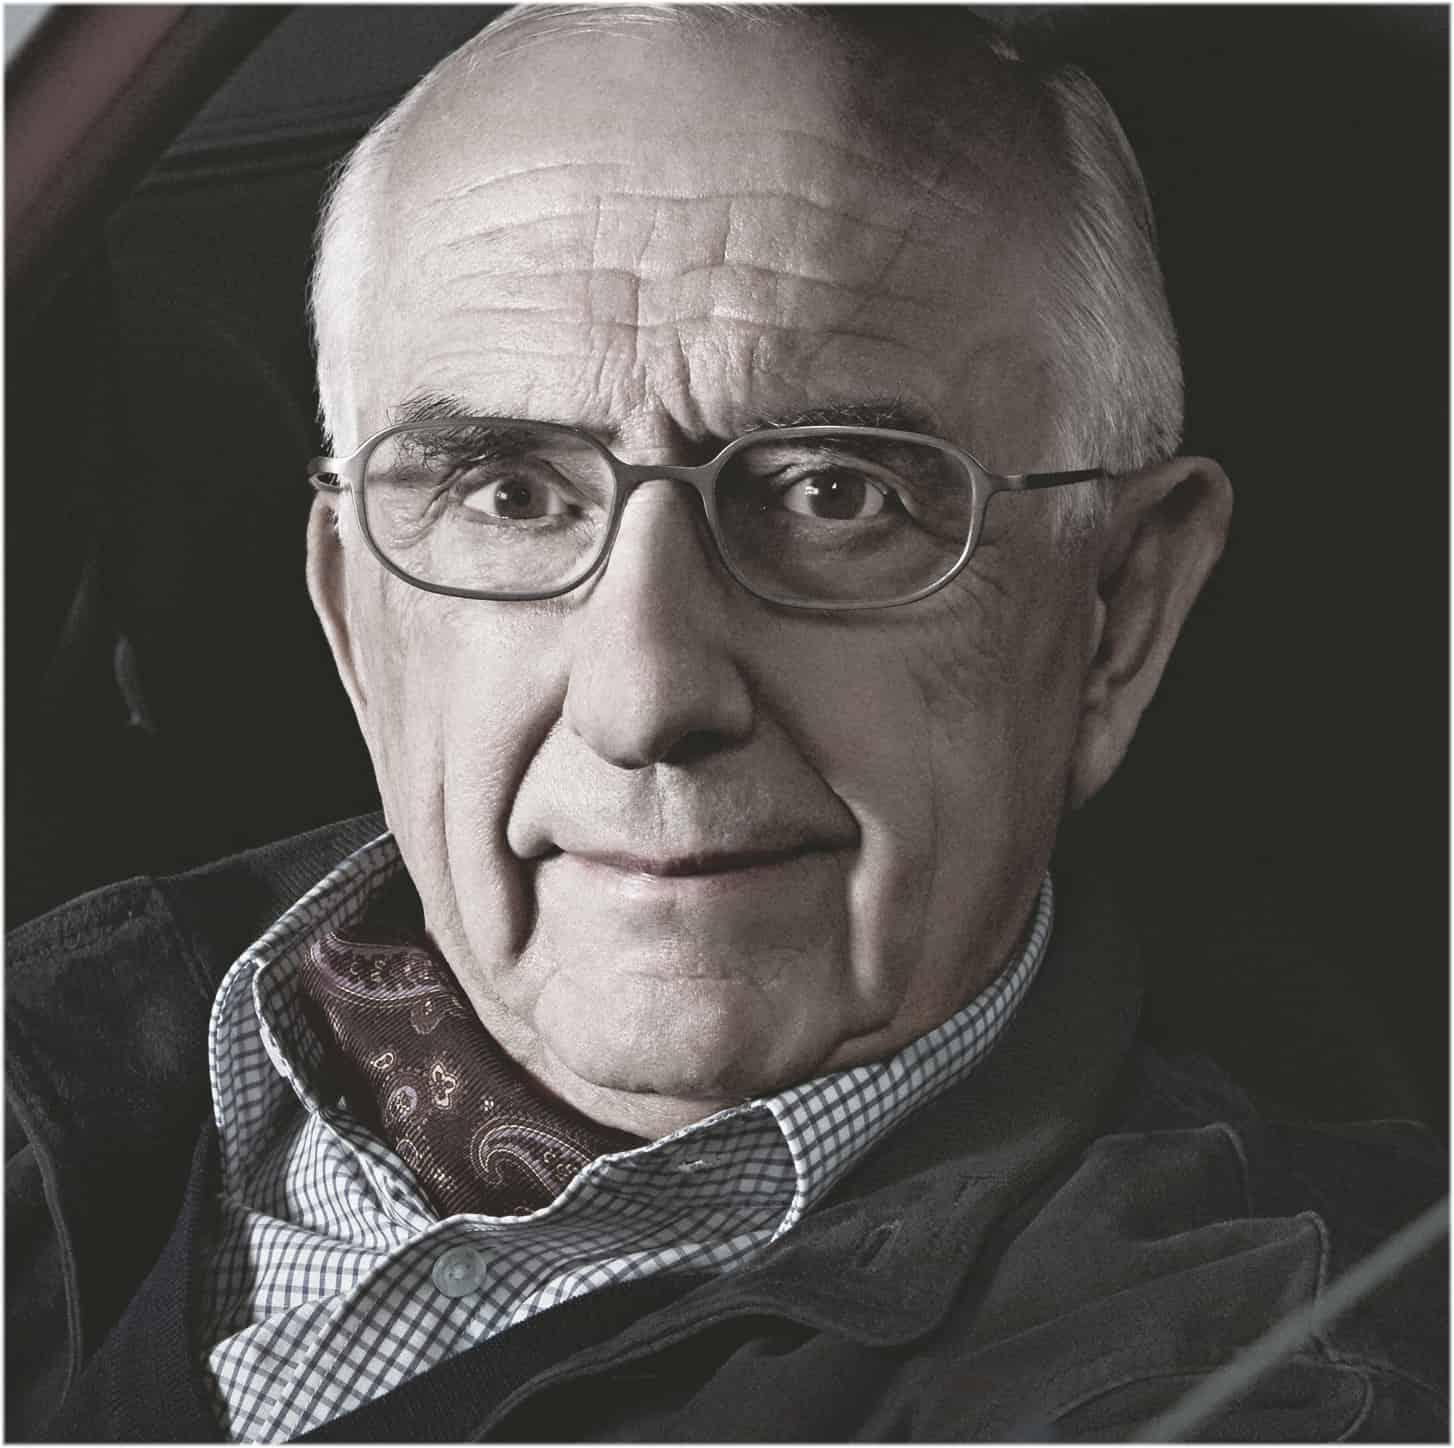 Porträtaufnahme von Jack W. Heuer